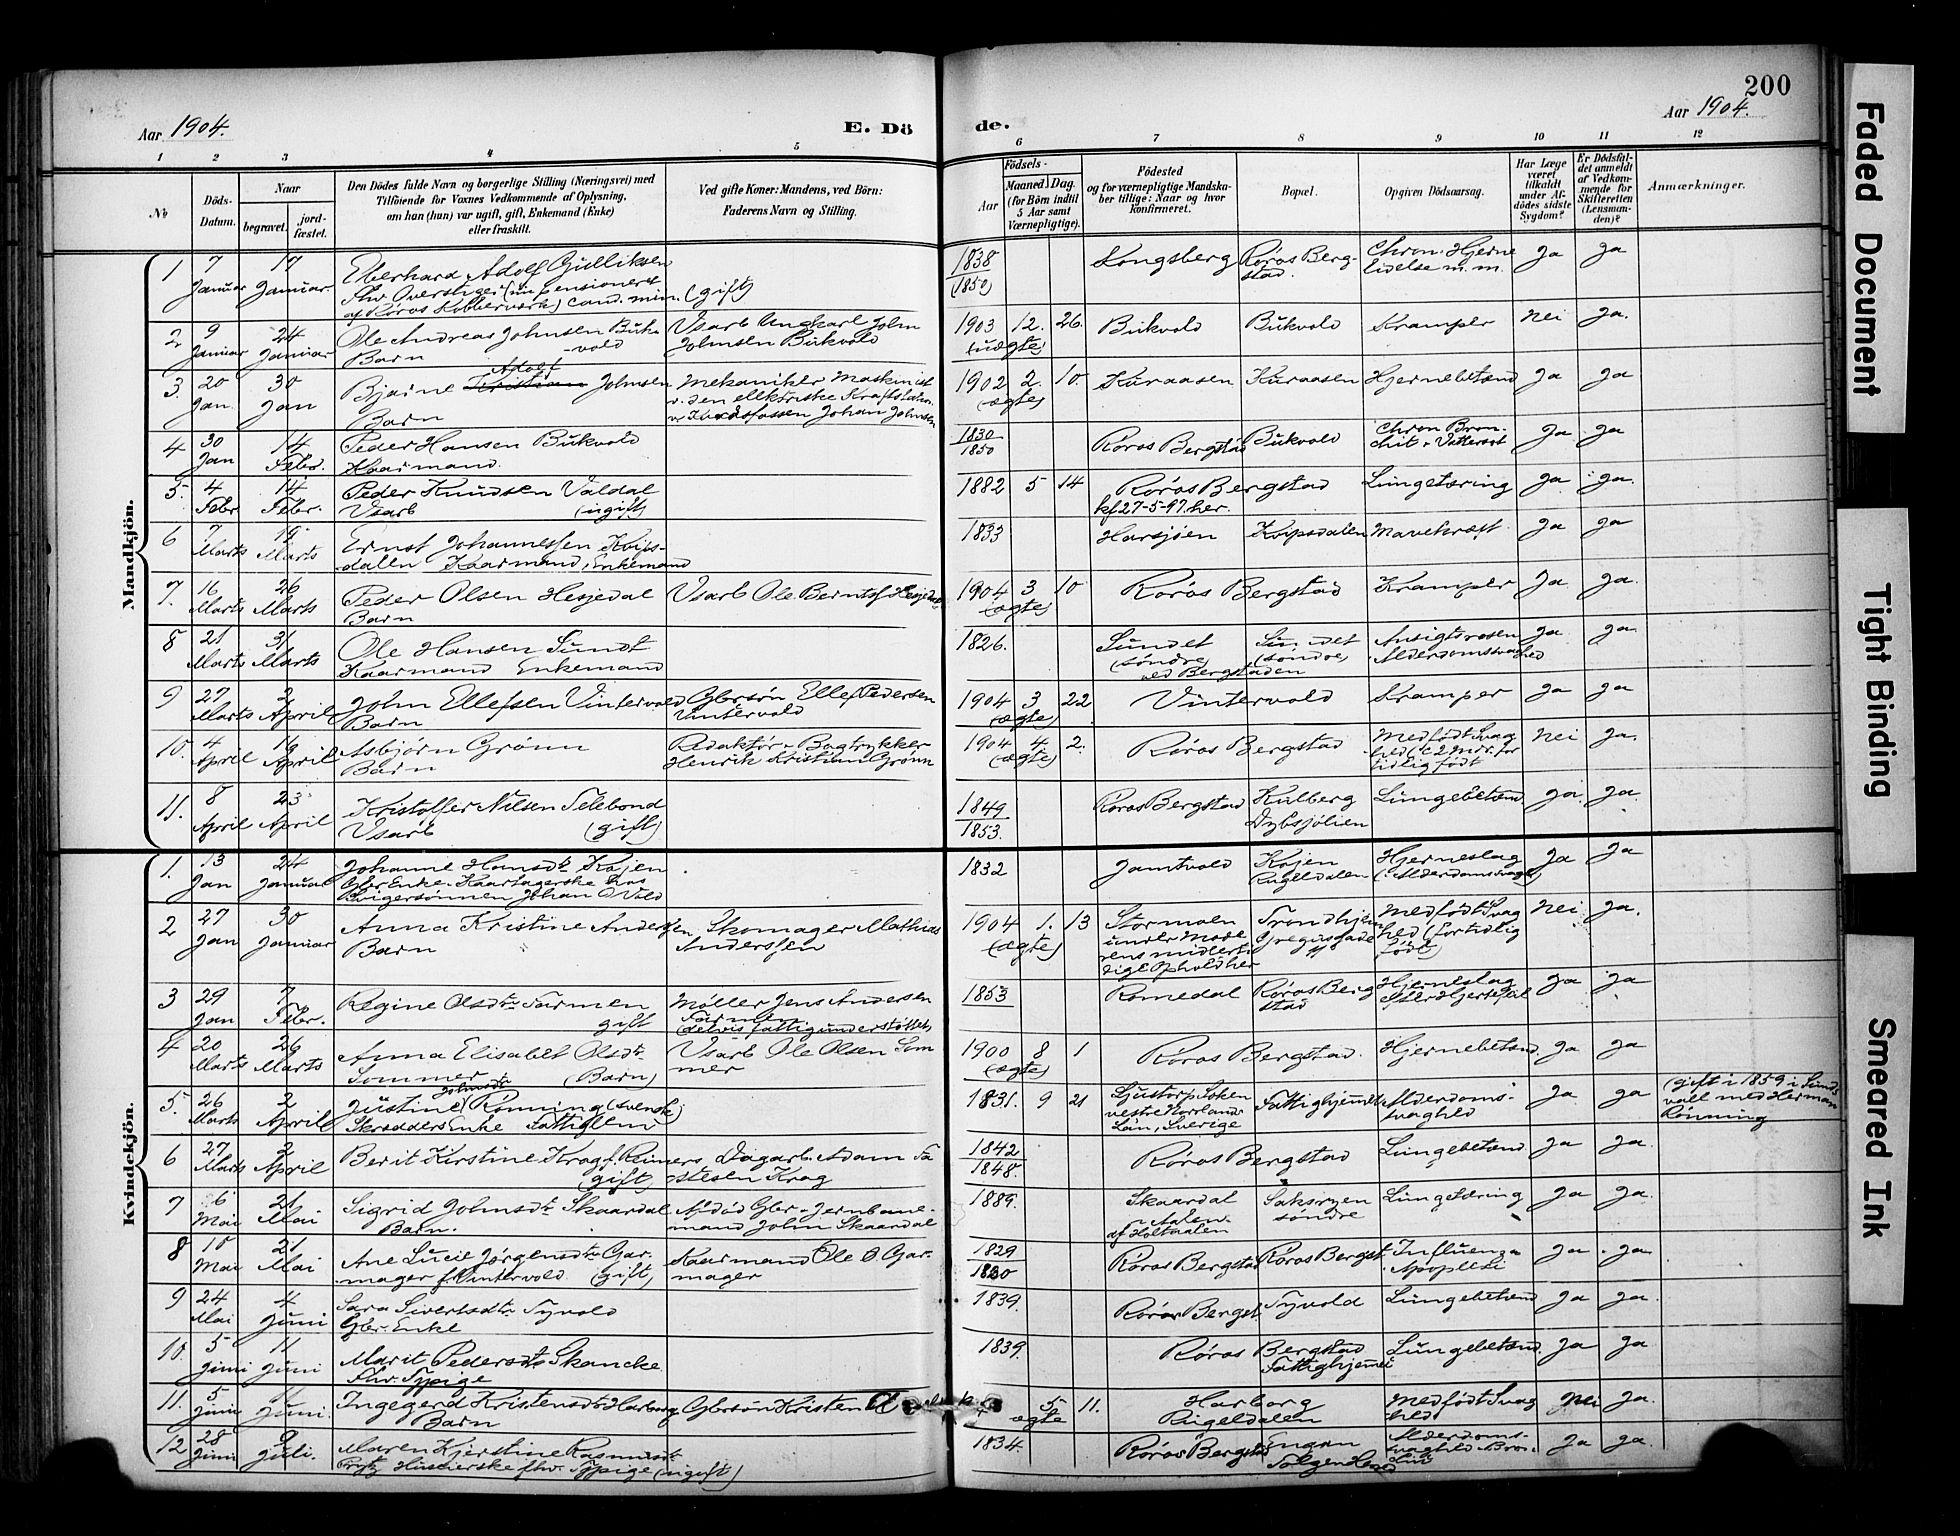 SAT, Ministerialprotokoller, klokkerbøker og fødselsregistre - Sør-Trøndelag, 681/L0936: Ministerialbok nr. 681A14, 1899-1908, s. 200